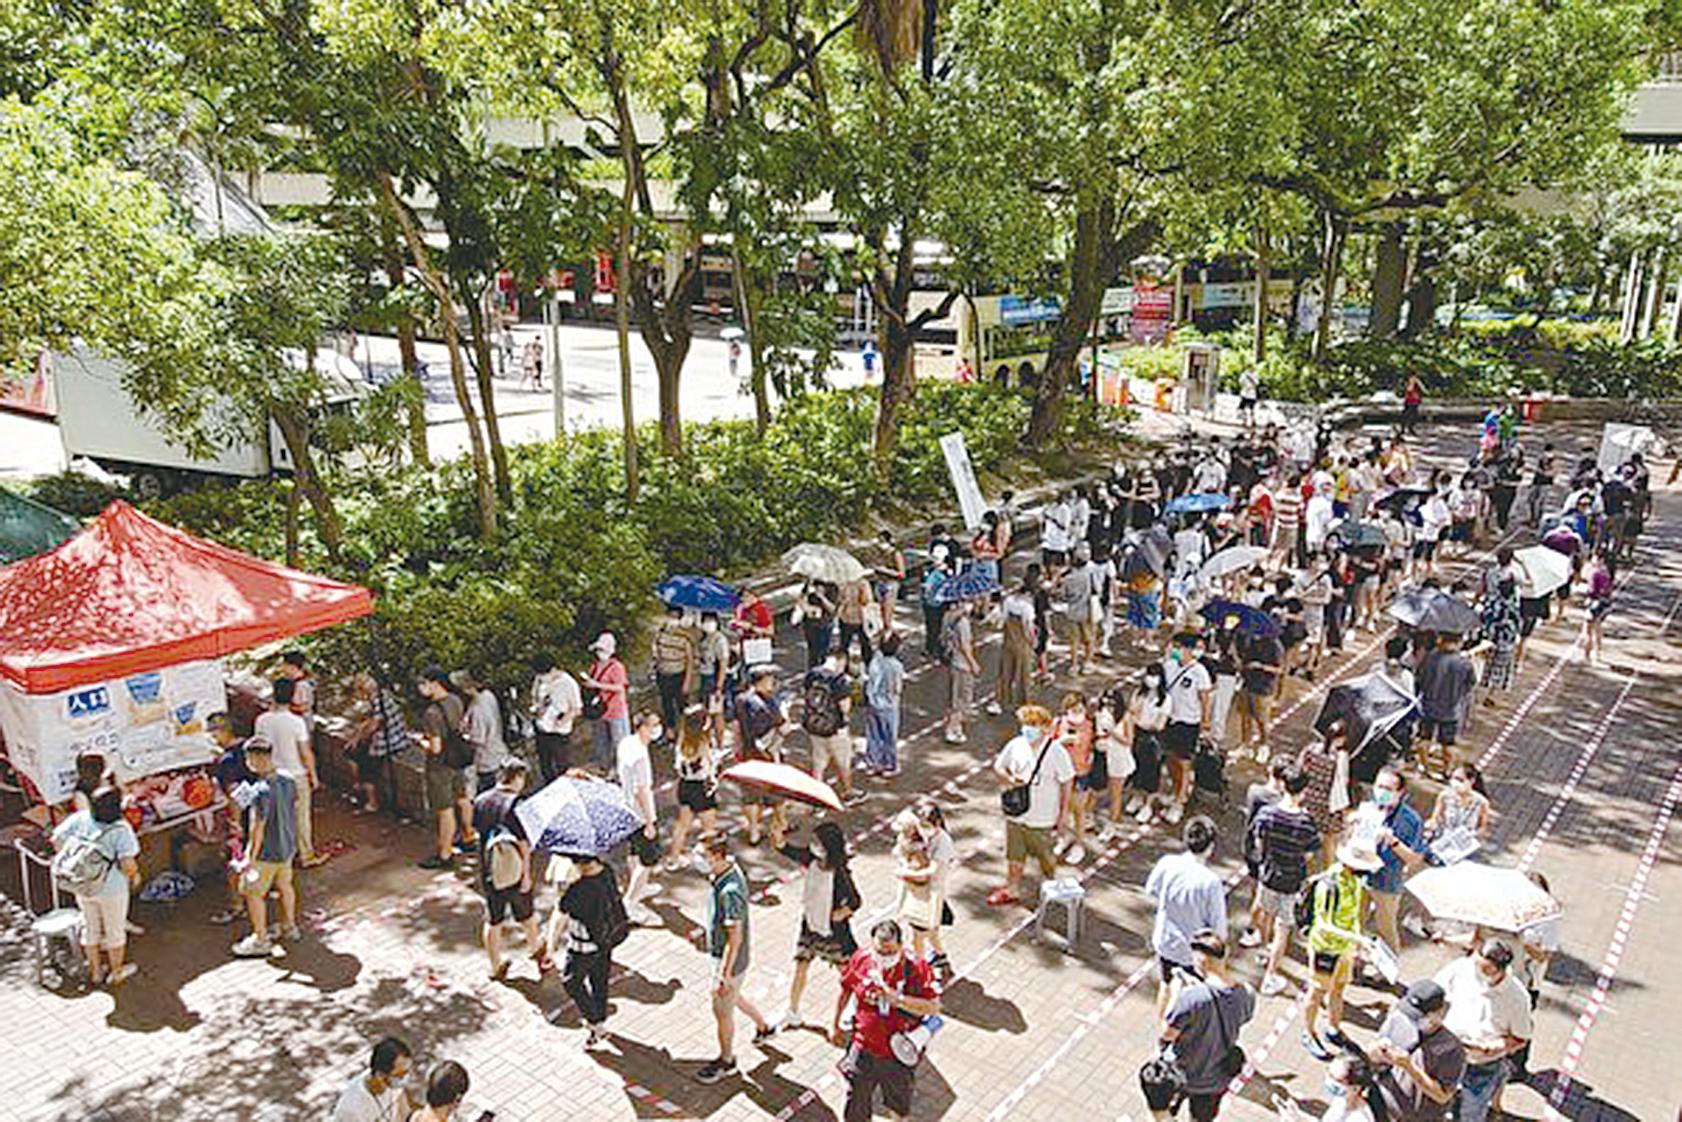 2020年7月12日,香港大埔廣場票站有大批市民等候參與民主派初選投票。(宋碧龍/大紀元)